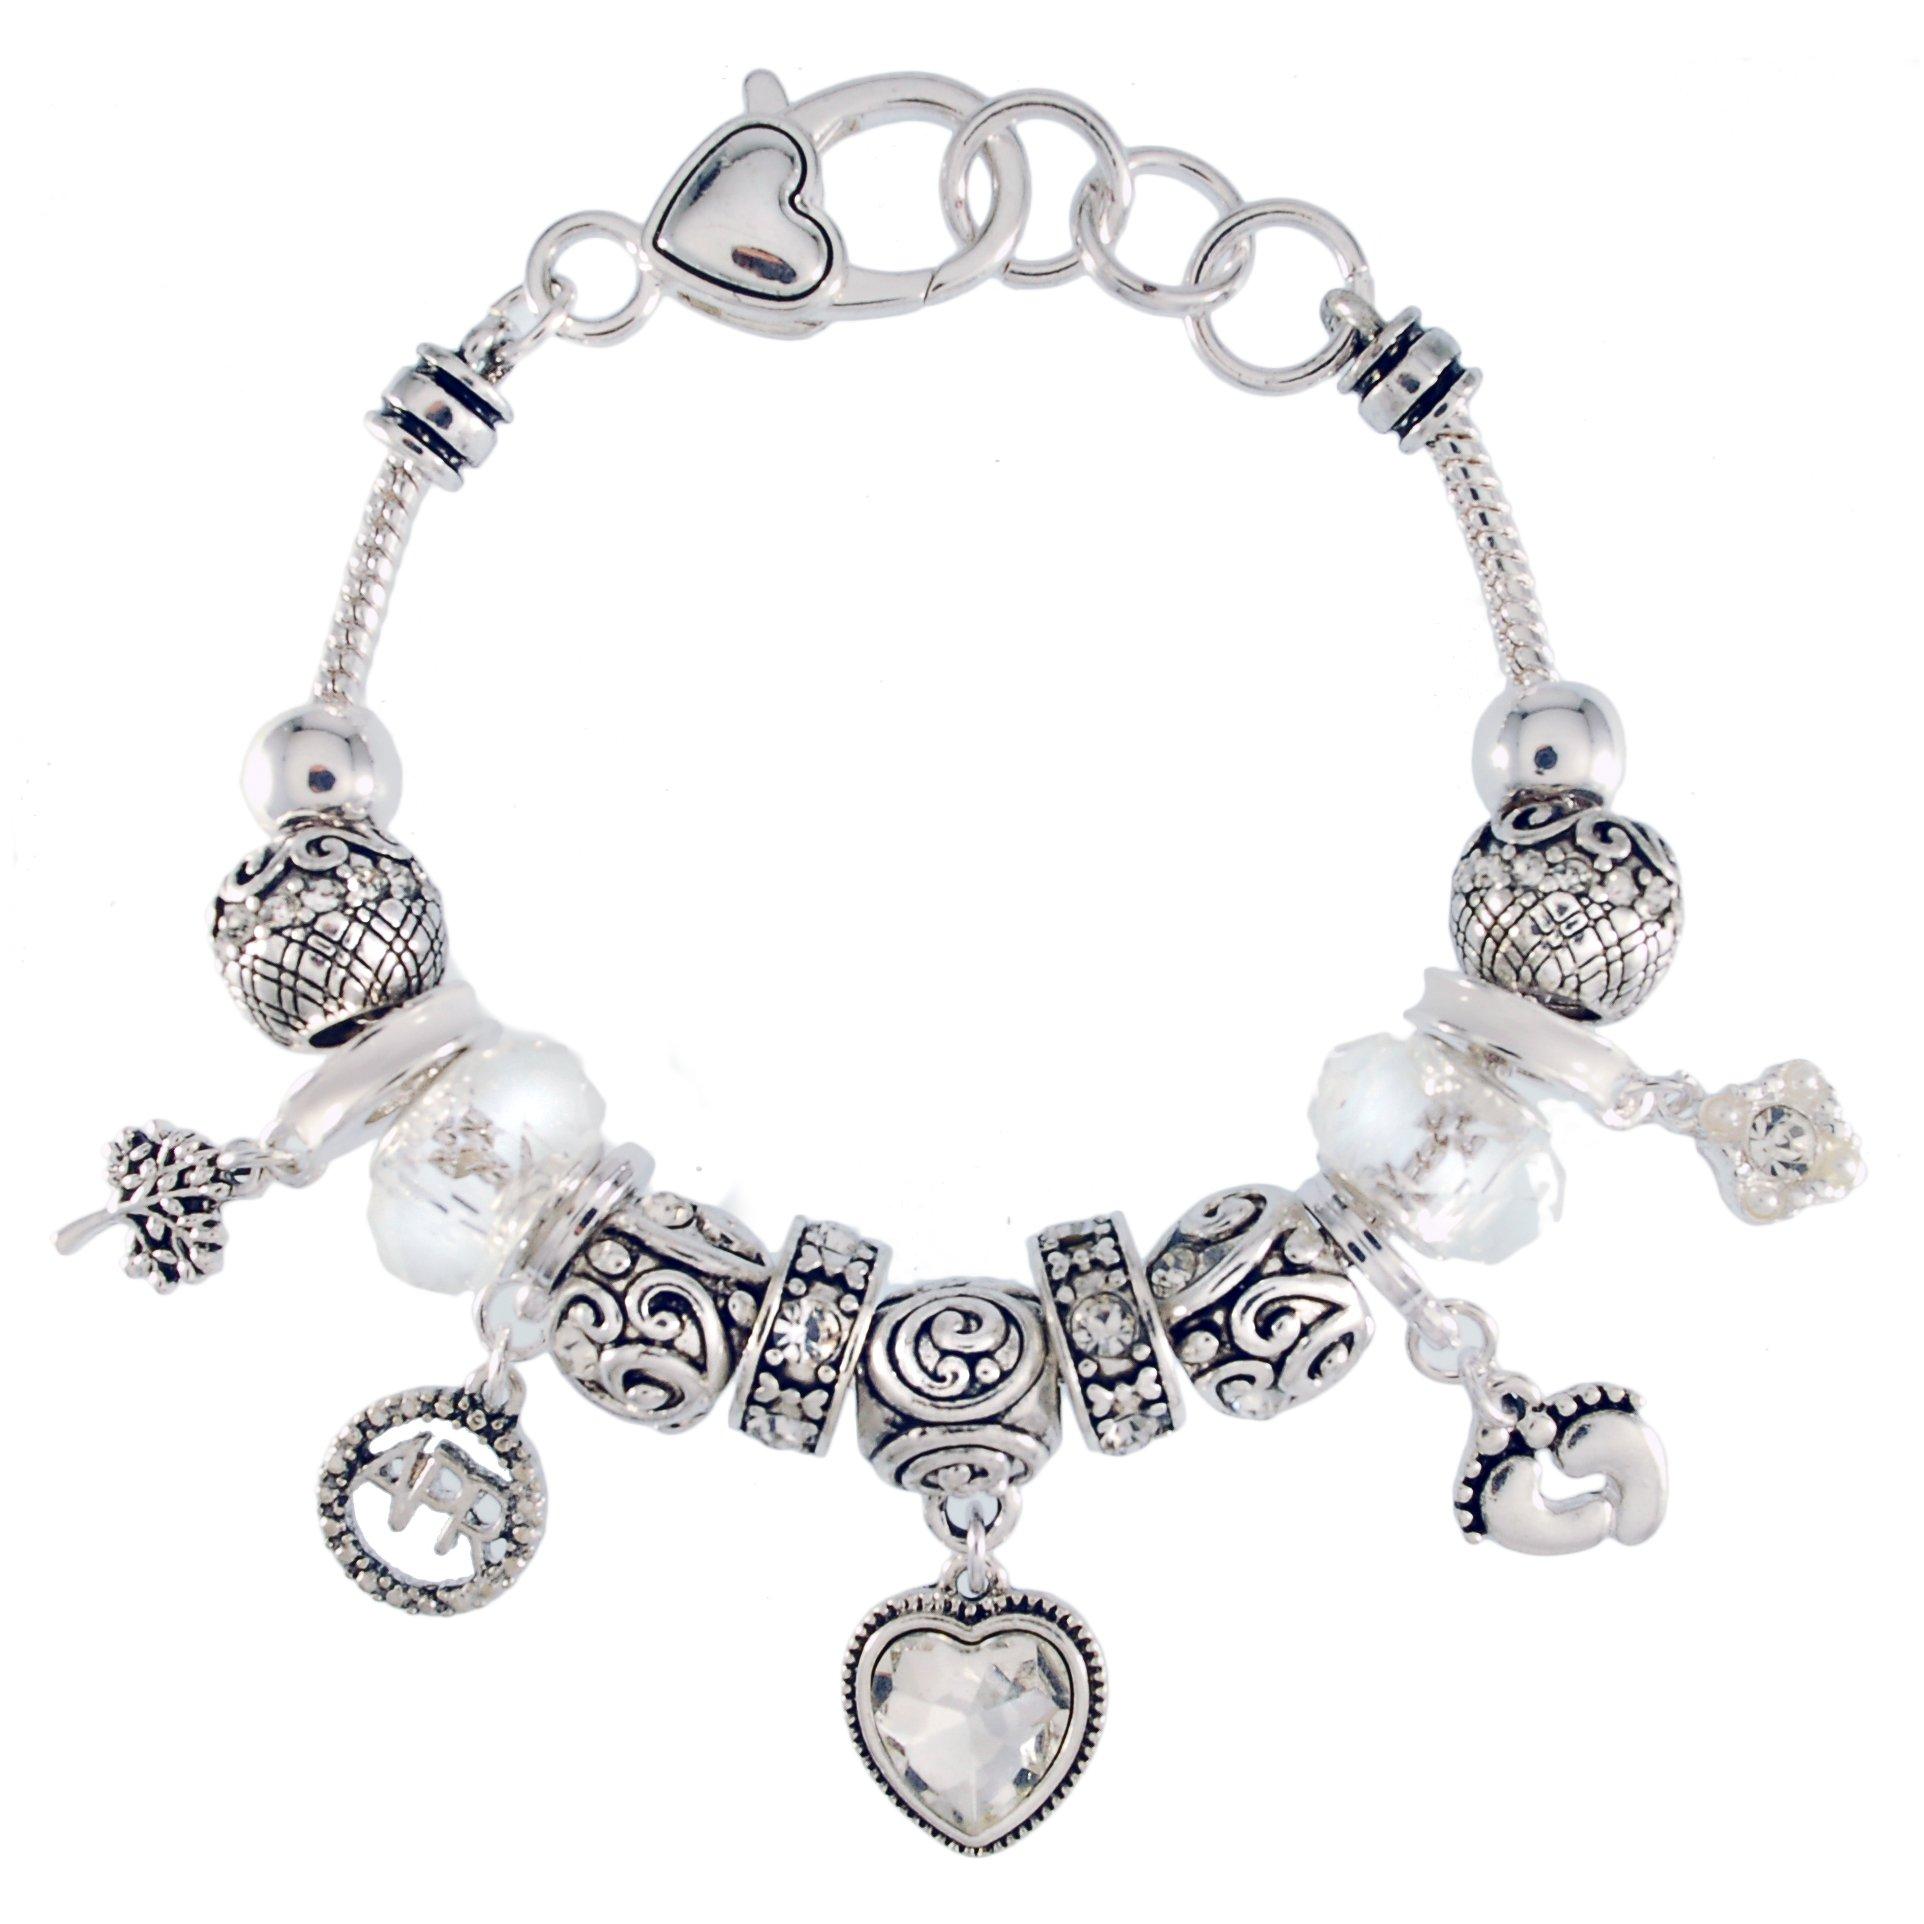 Landau Ambrosia April Birthstone Charm Bracelet by Landau (Image #1)